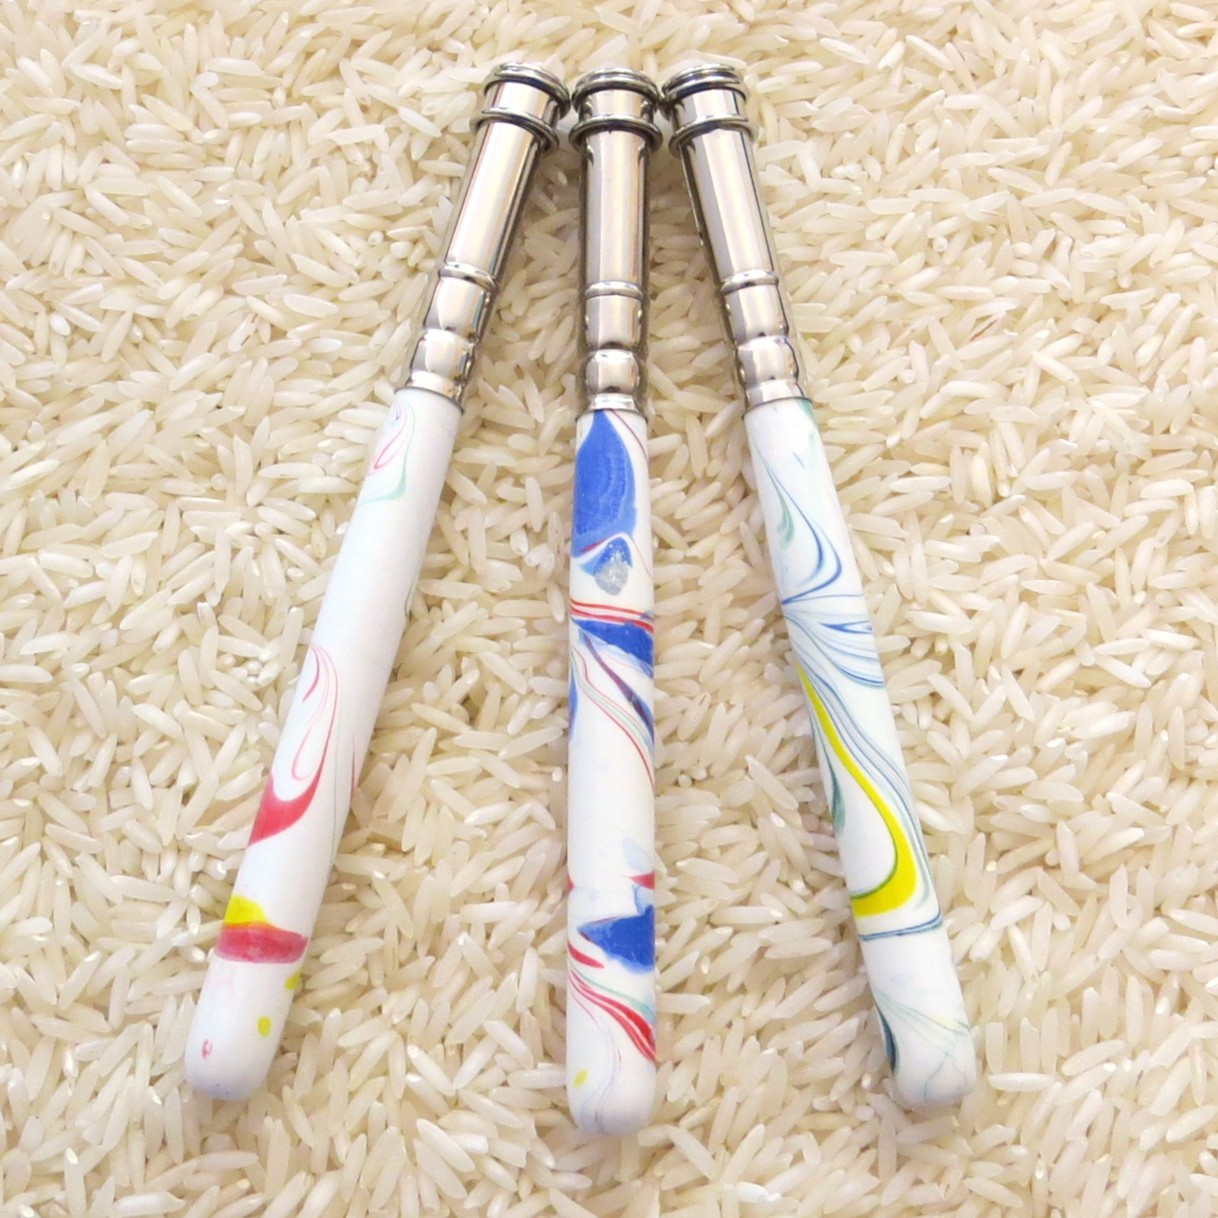 Stiftverlängerer weiß - bunt marmoriert - Buntstift + so